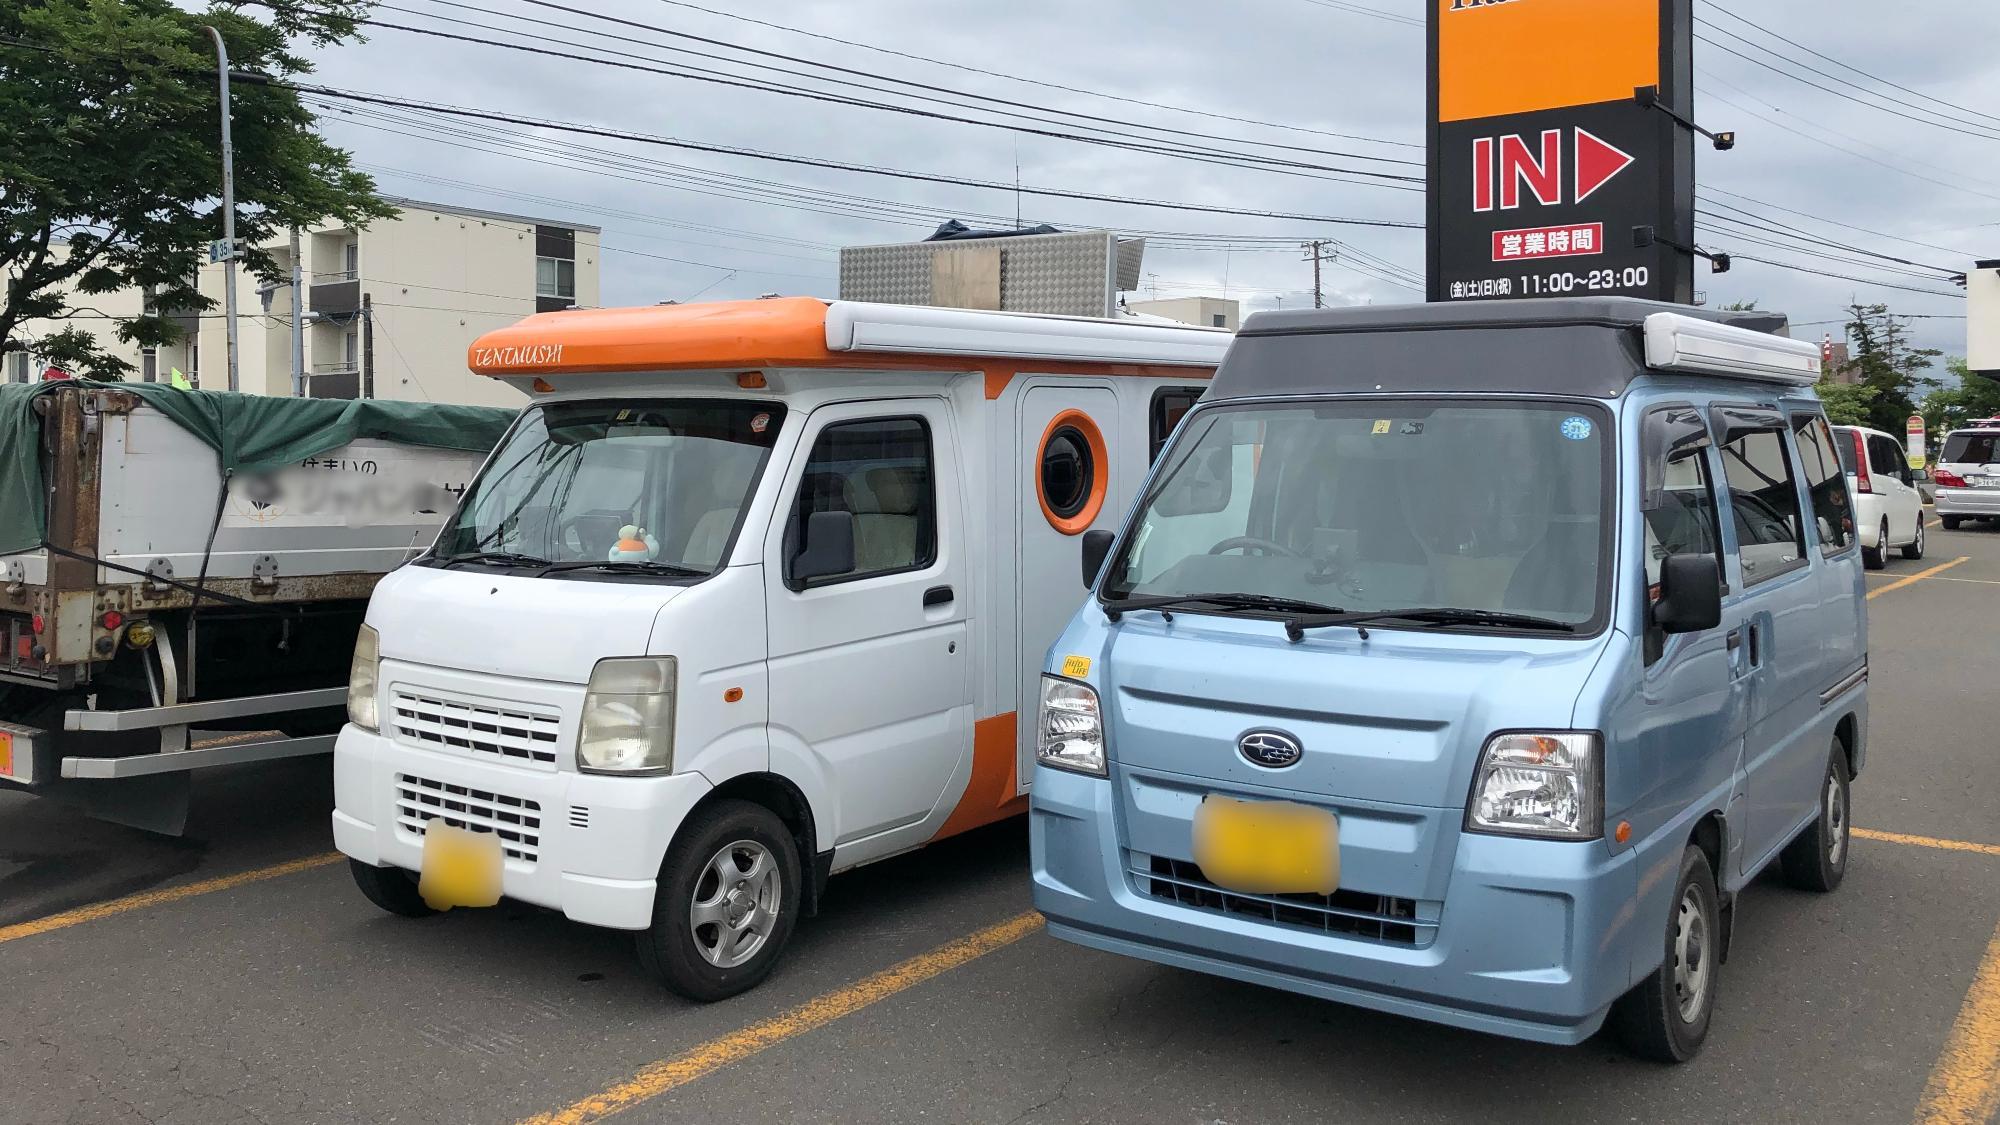 △左キャブコン(軽トラックベース)・右バンコン(軽バンベース)